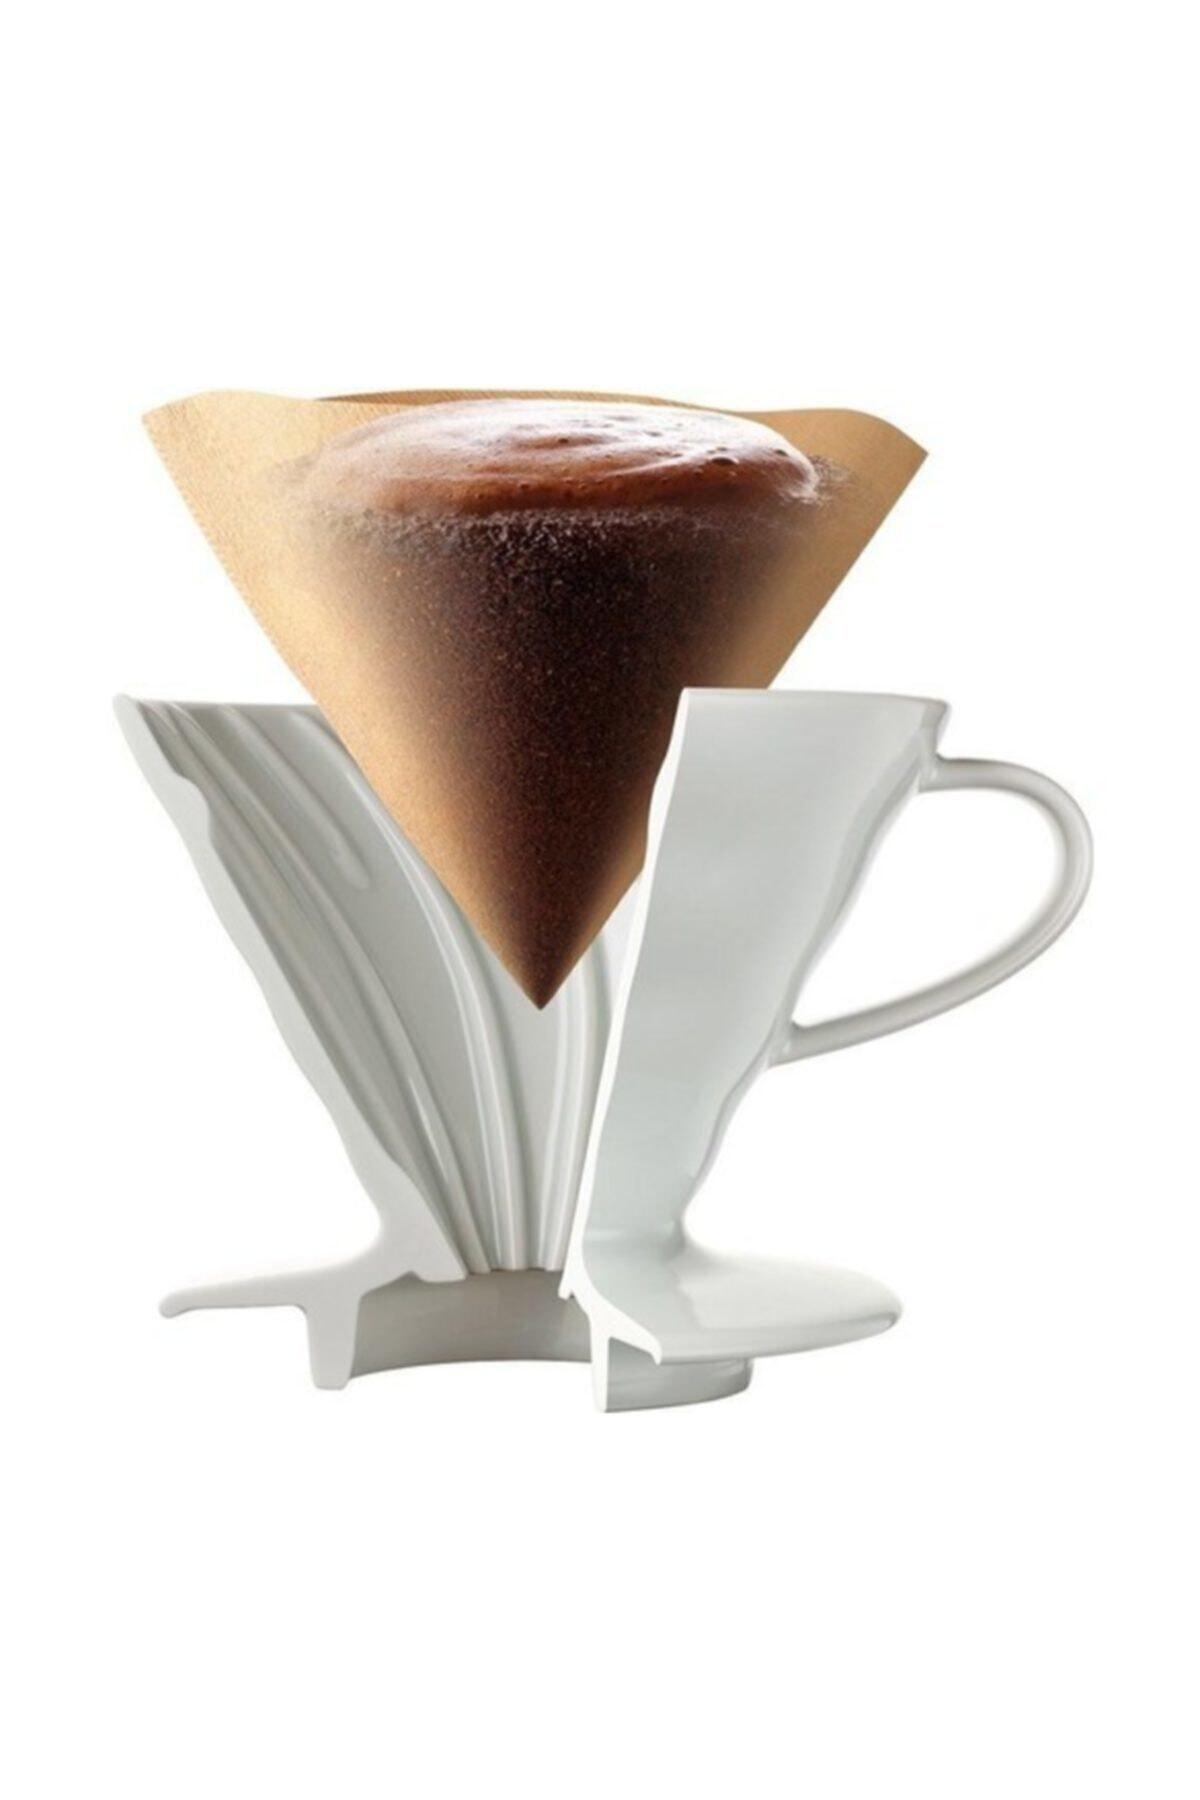 Epinox V60 02 Seramik Kahve Demleme Ekipmanı (beyaz) Ceramic Coffee Dripper V60 02 (white) 1